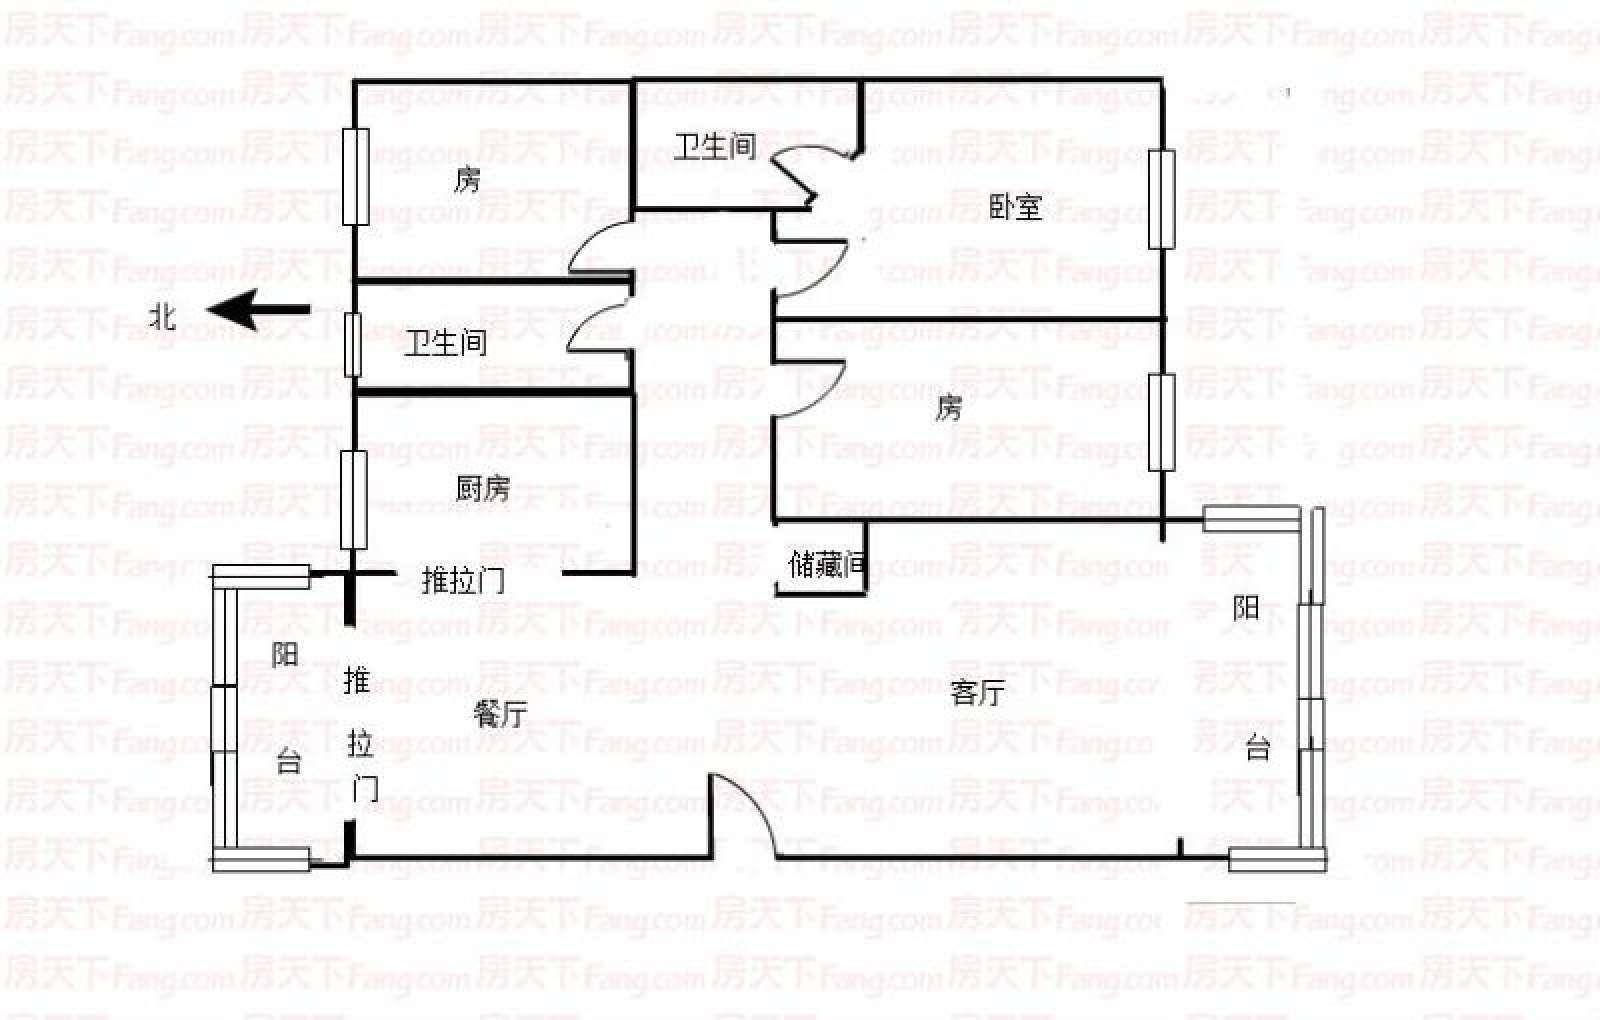 弘雅花园 3室2厅131.8㎡